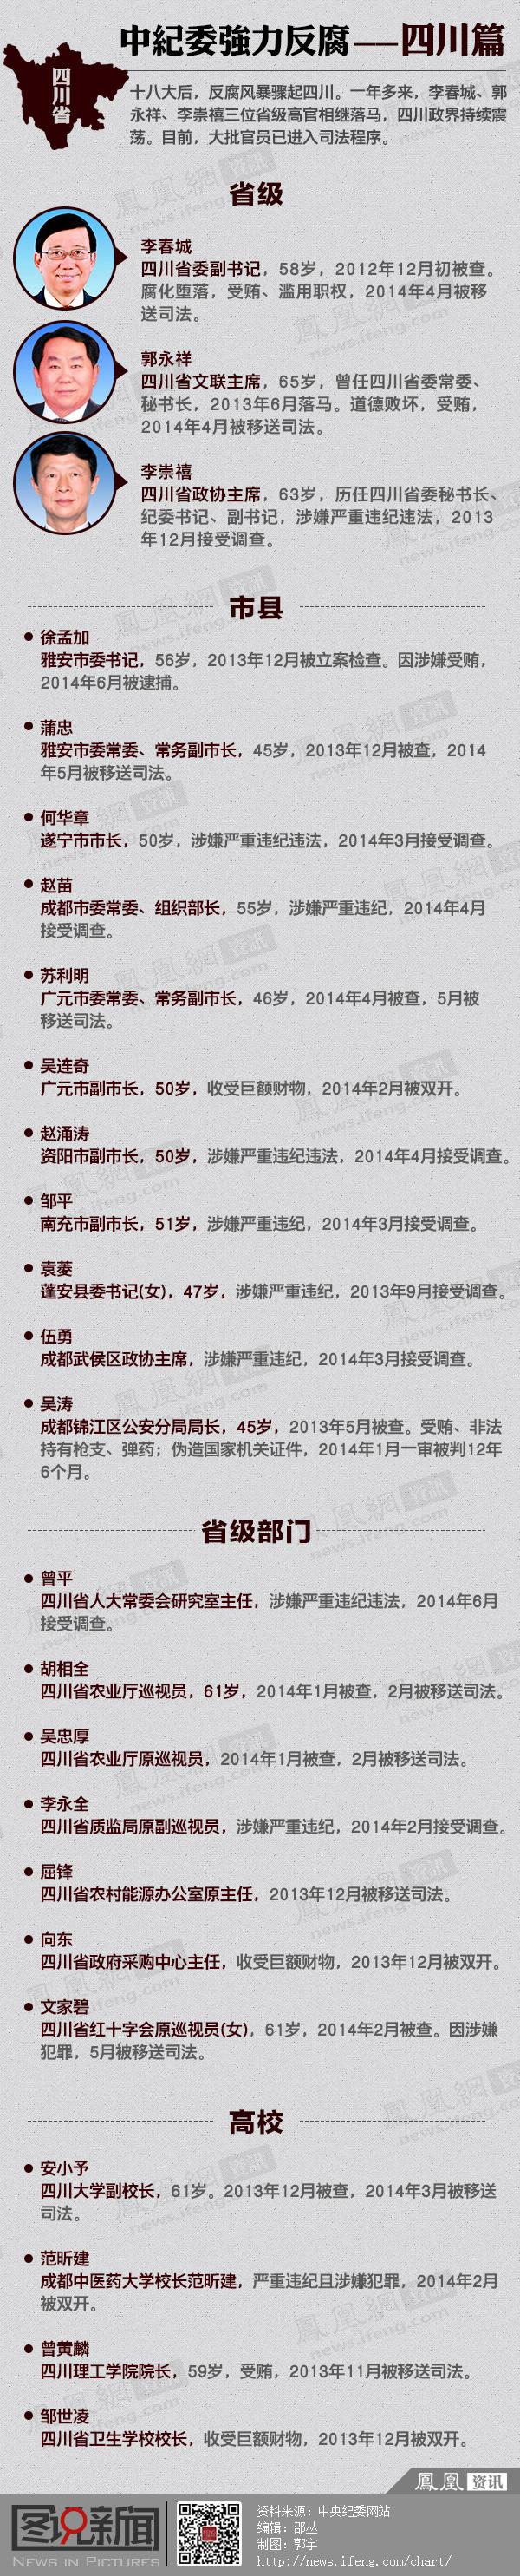 中纪委反腐--四川篇